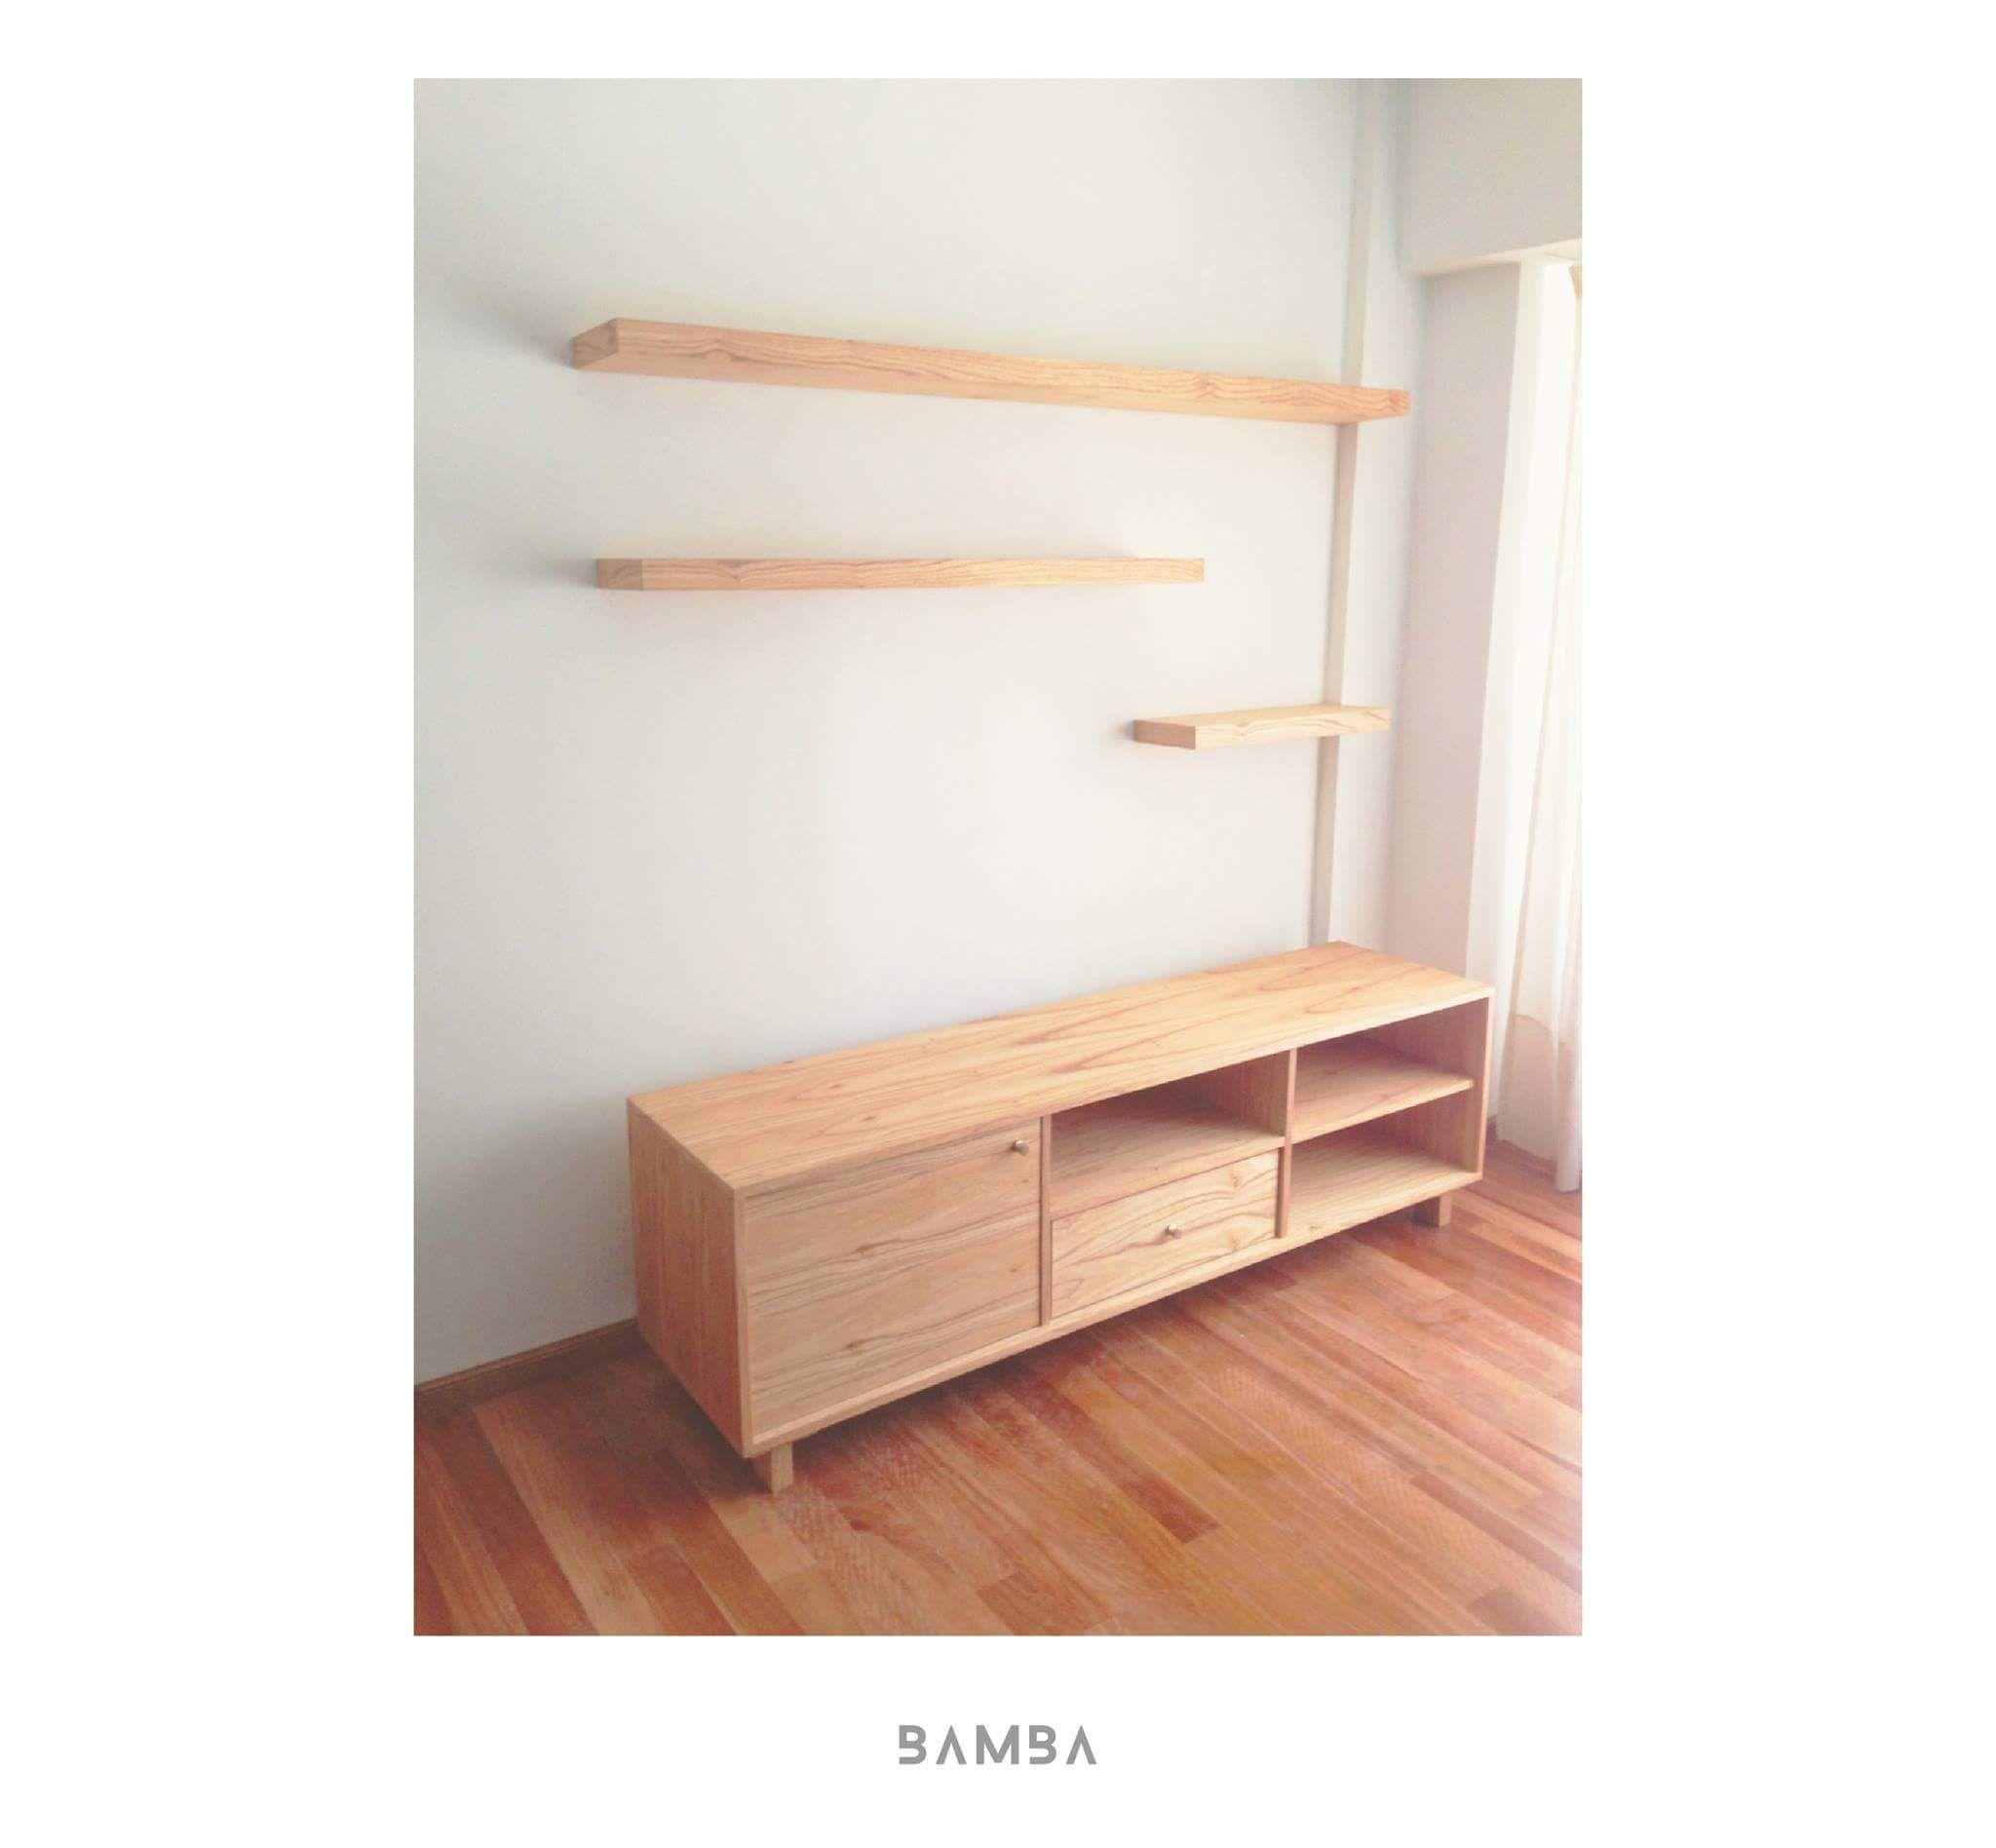 Bamba Dise Os Palermo Fb Mueble Para Debajo De La Tv  # Muebles Bibliotecas Para Living